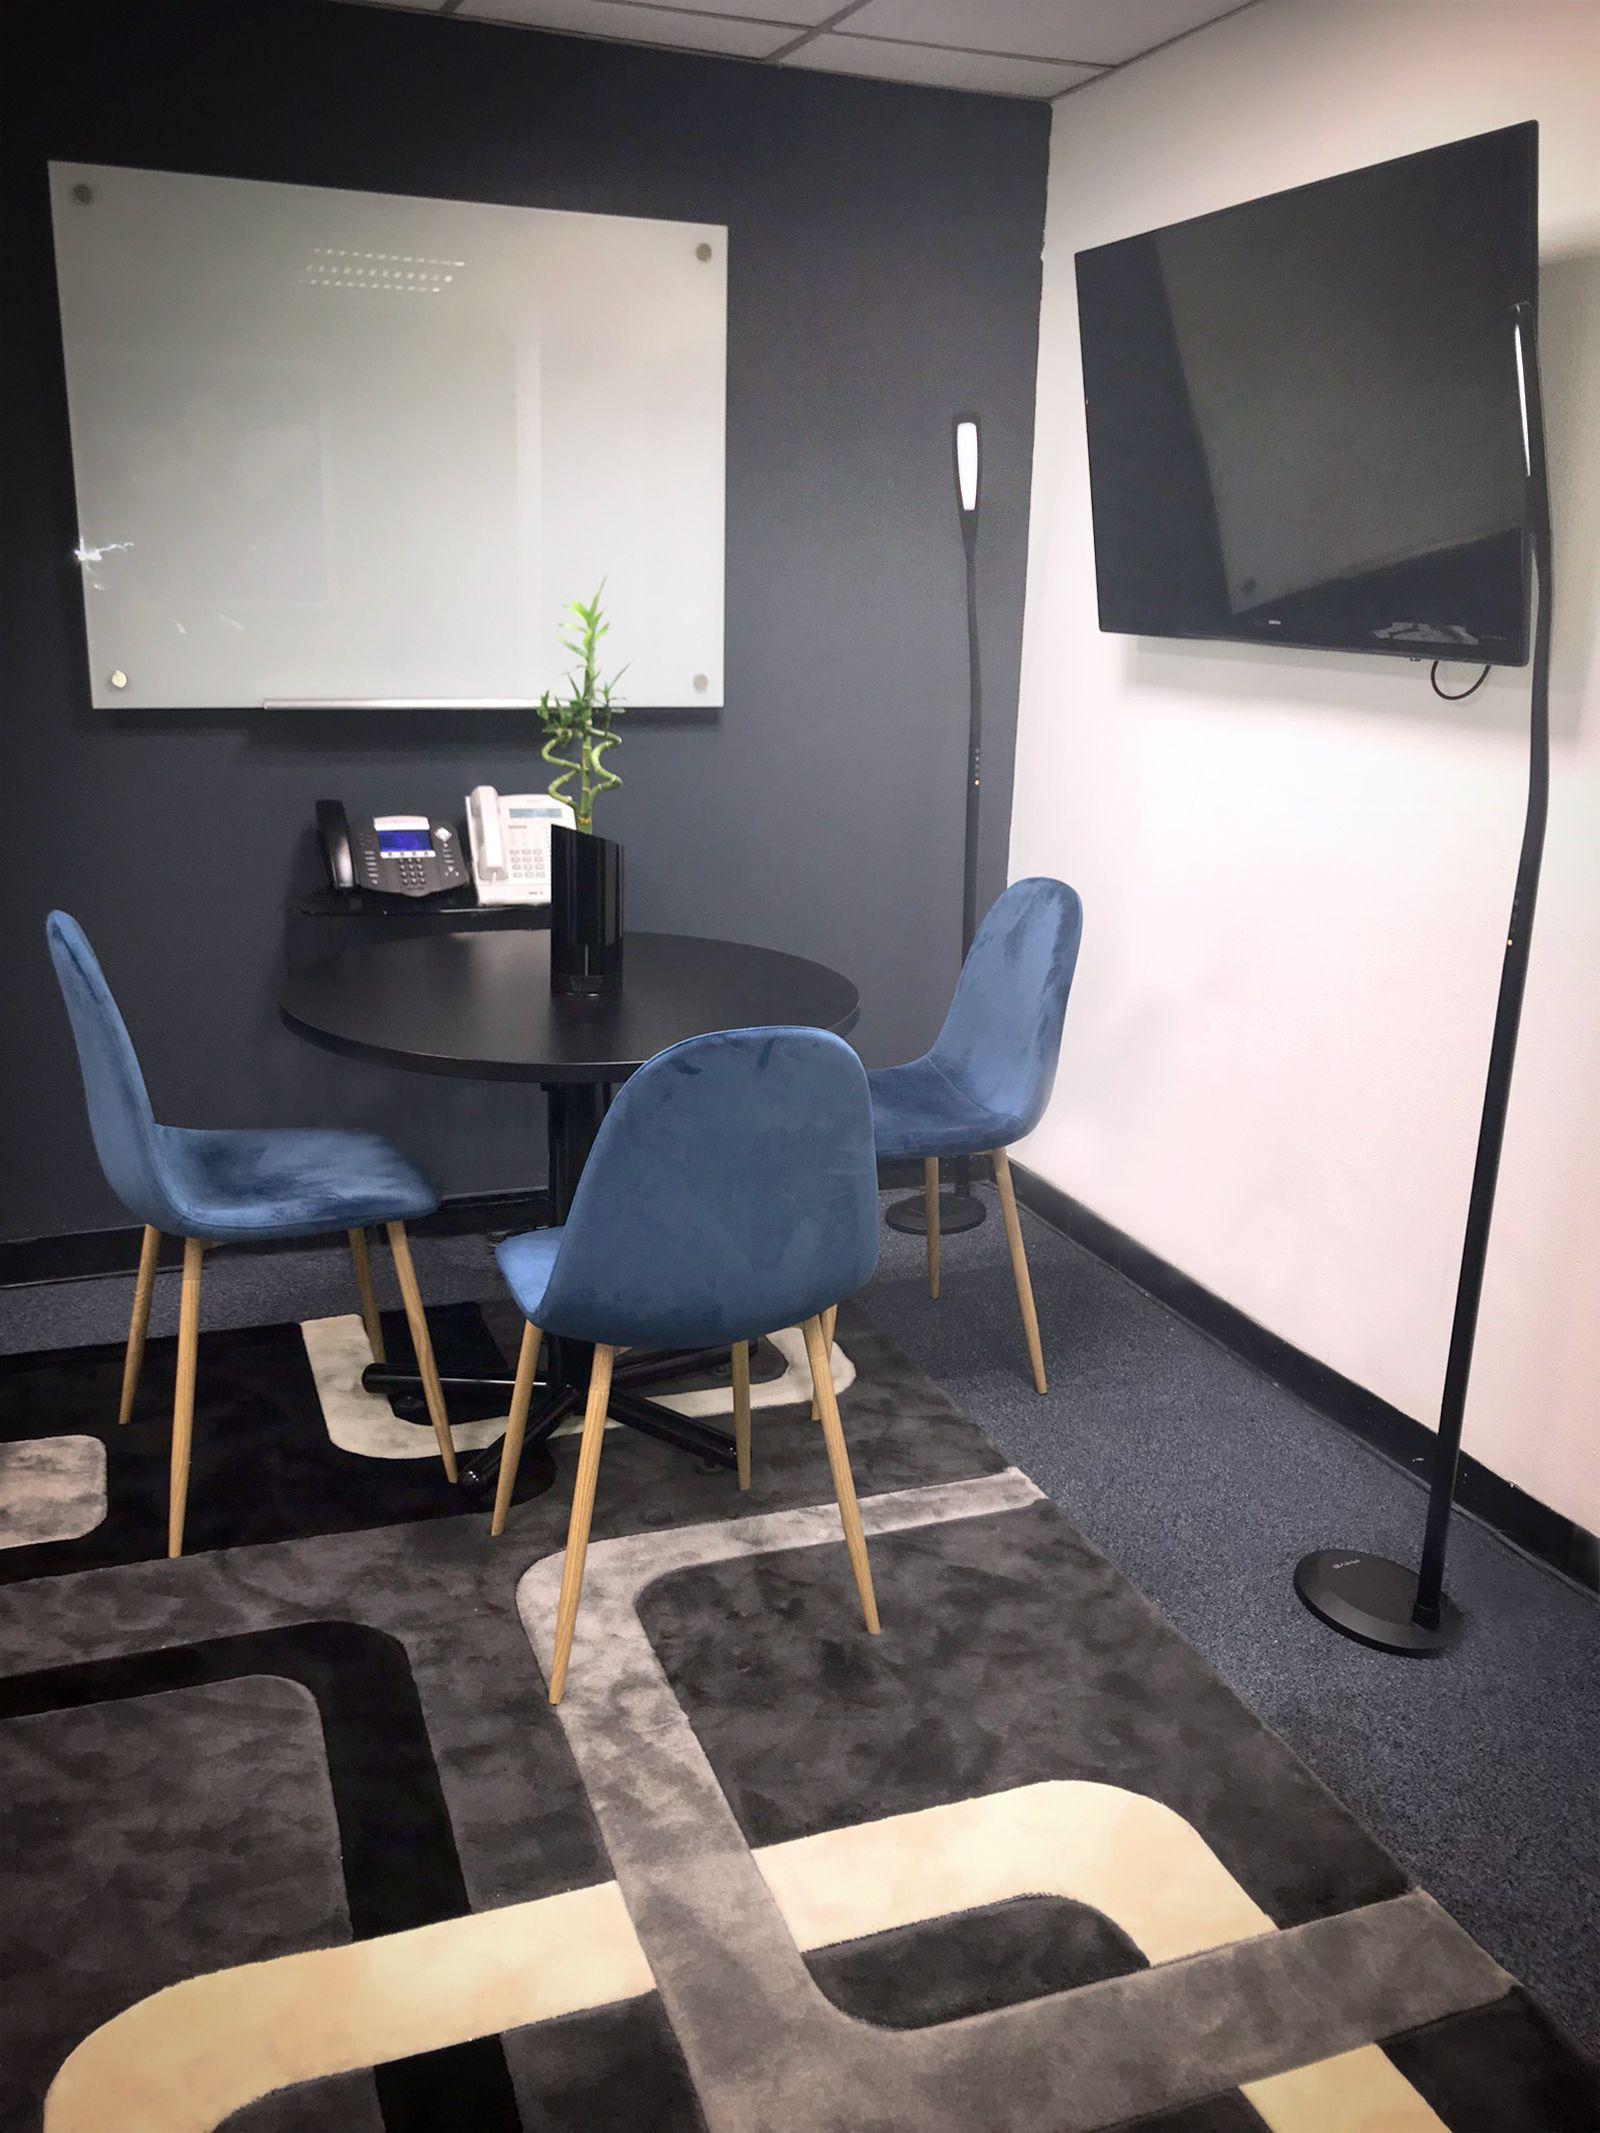 diseño de interiores|diseño de interiores oficina|diseño de ...